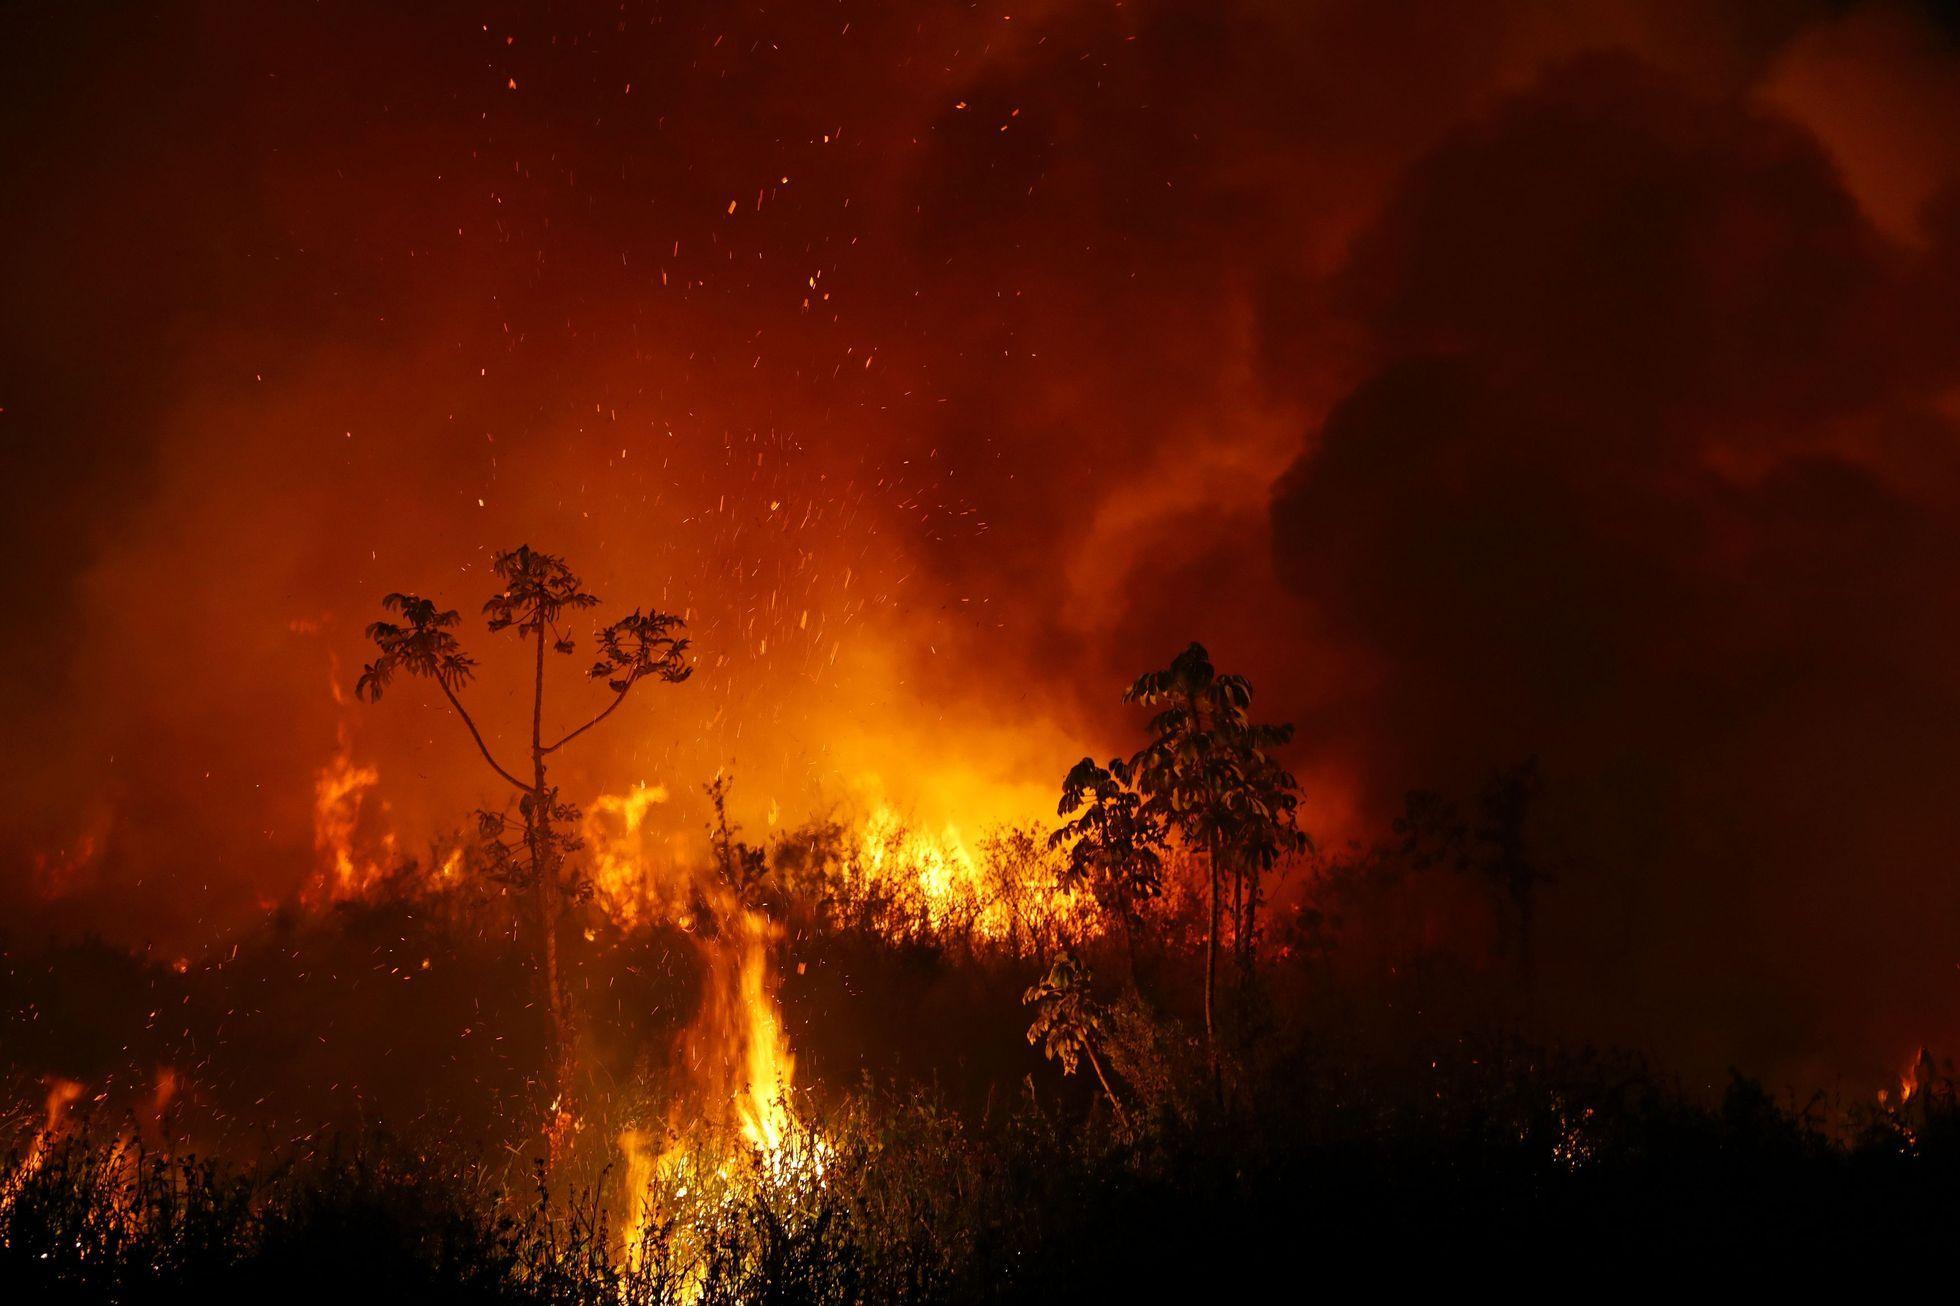 Podle místních odborníků v ohni uhynulo minimálně tisíc zvířat.